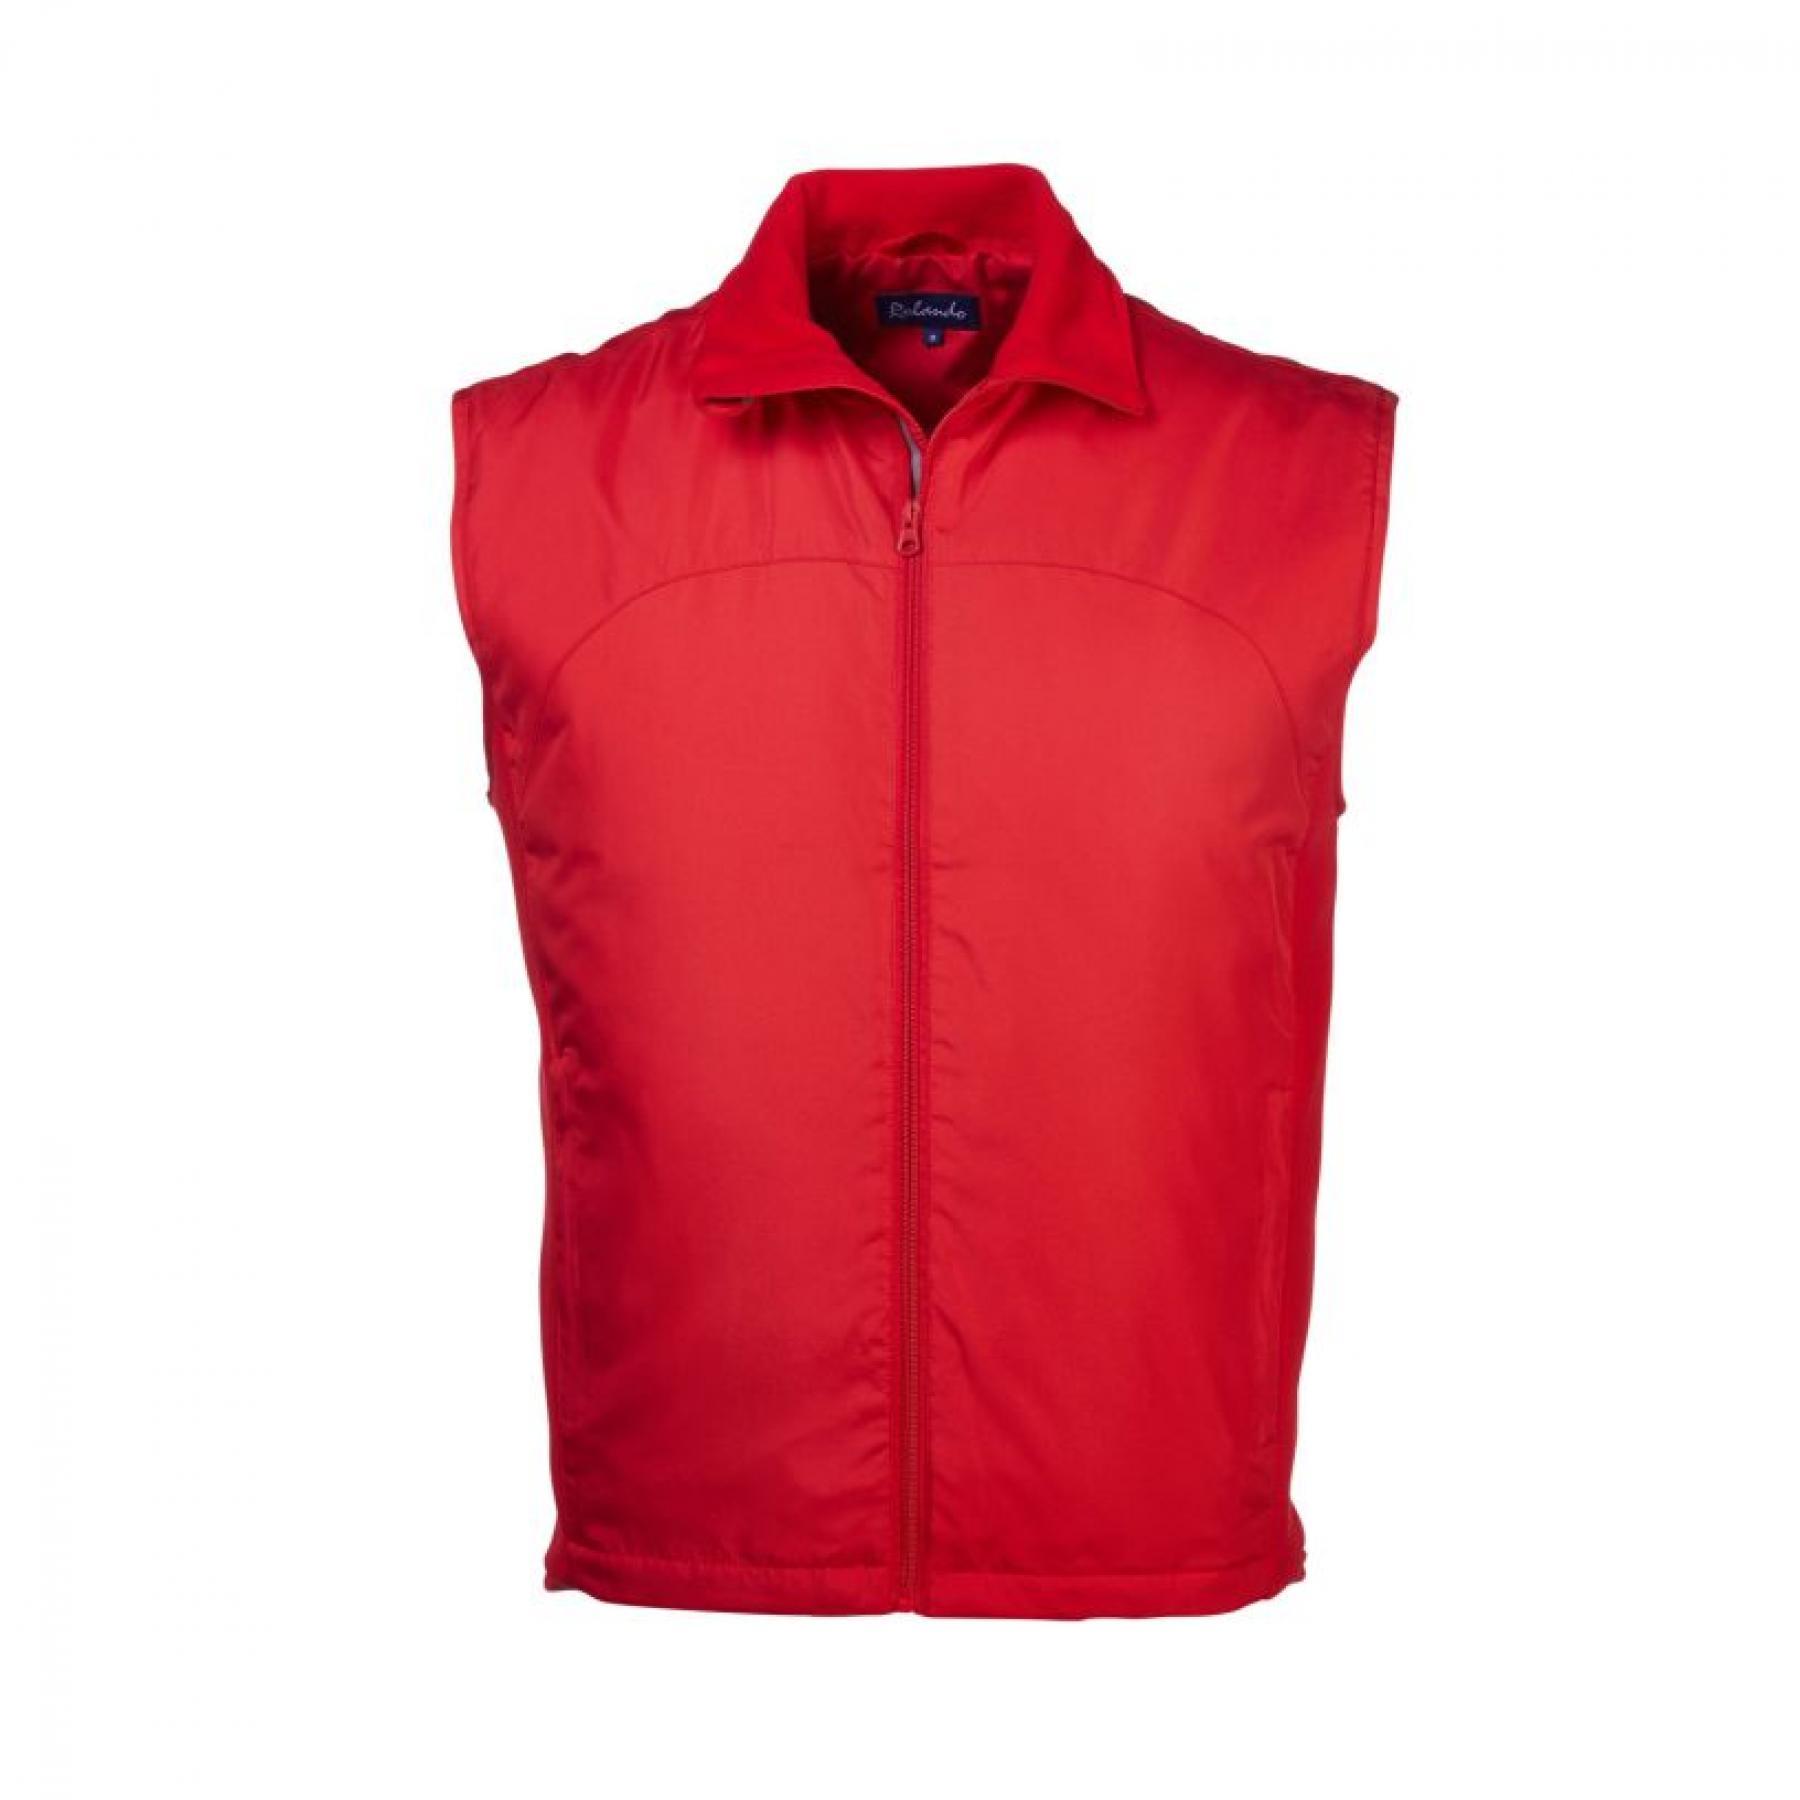 Sergio S/less Polar Fleece - Red